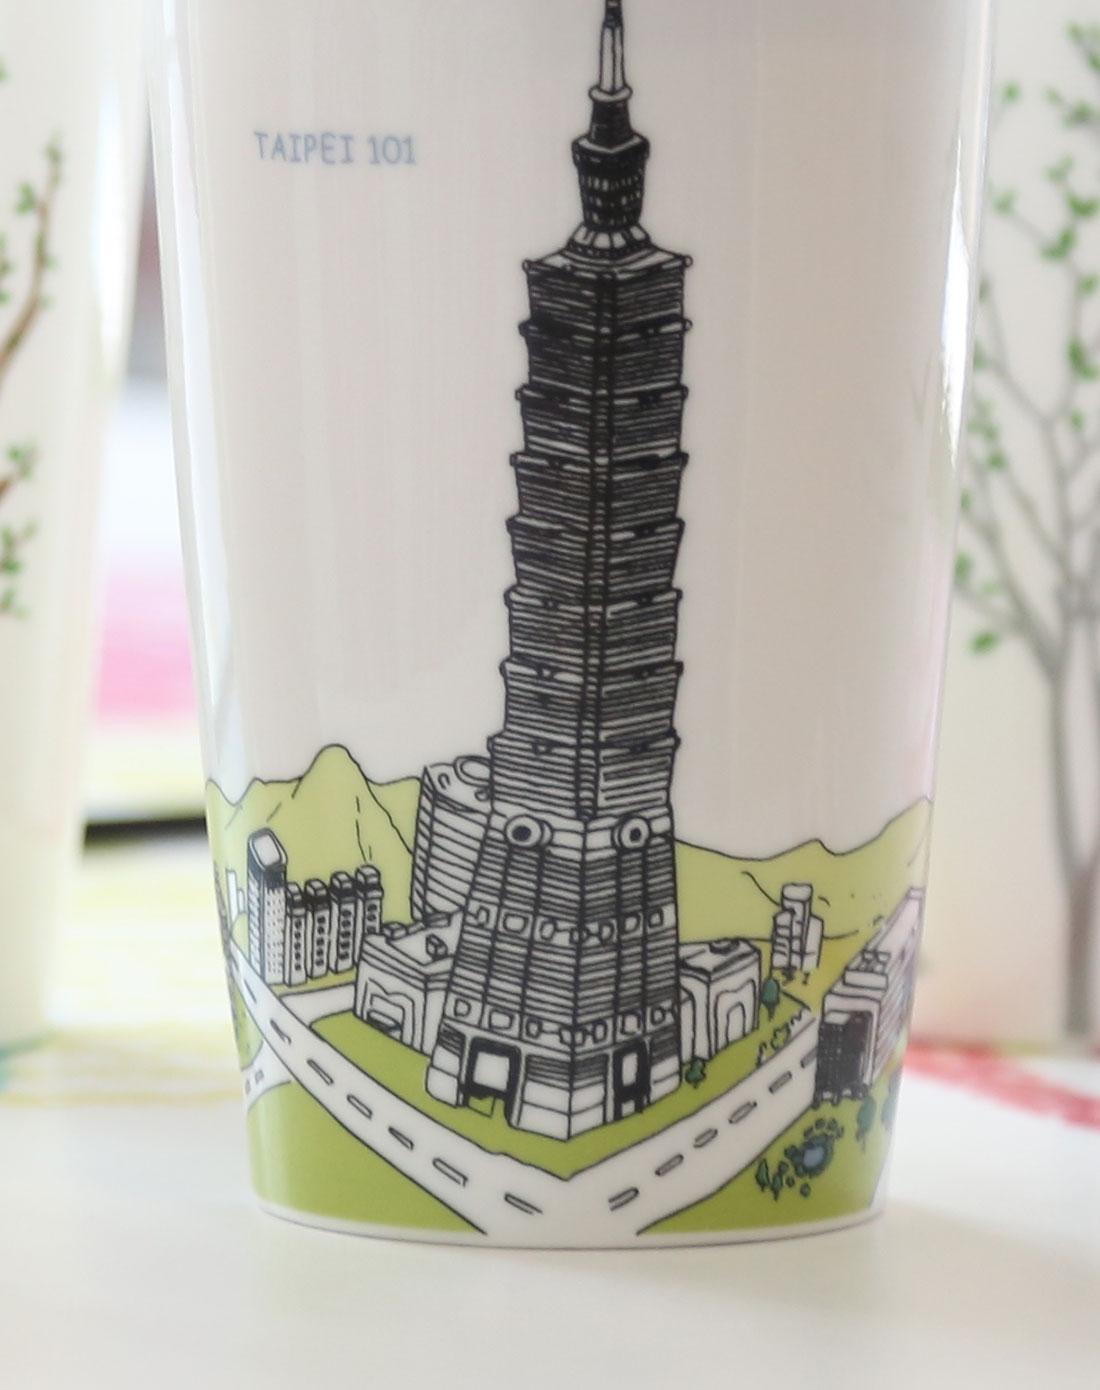 > 风景名胜陶瓷杯组合(长城+台北101)